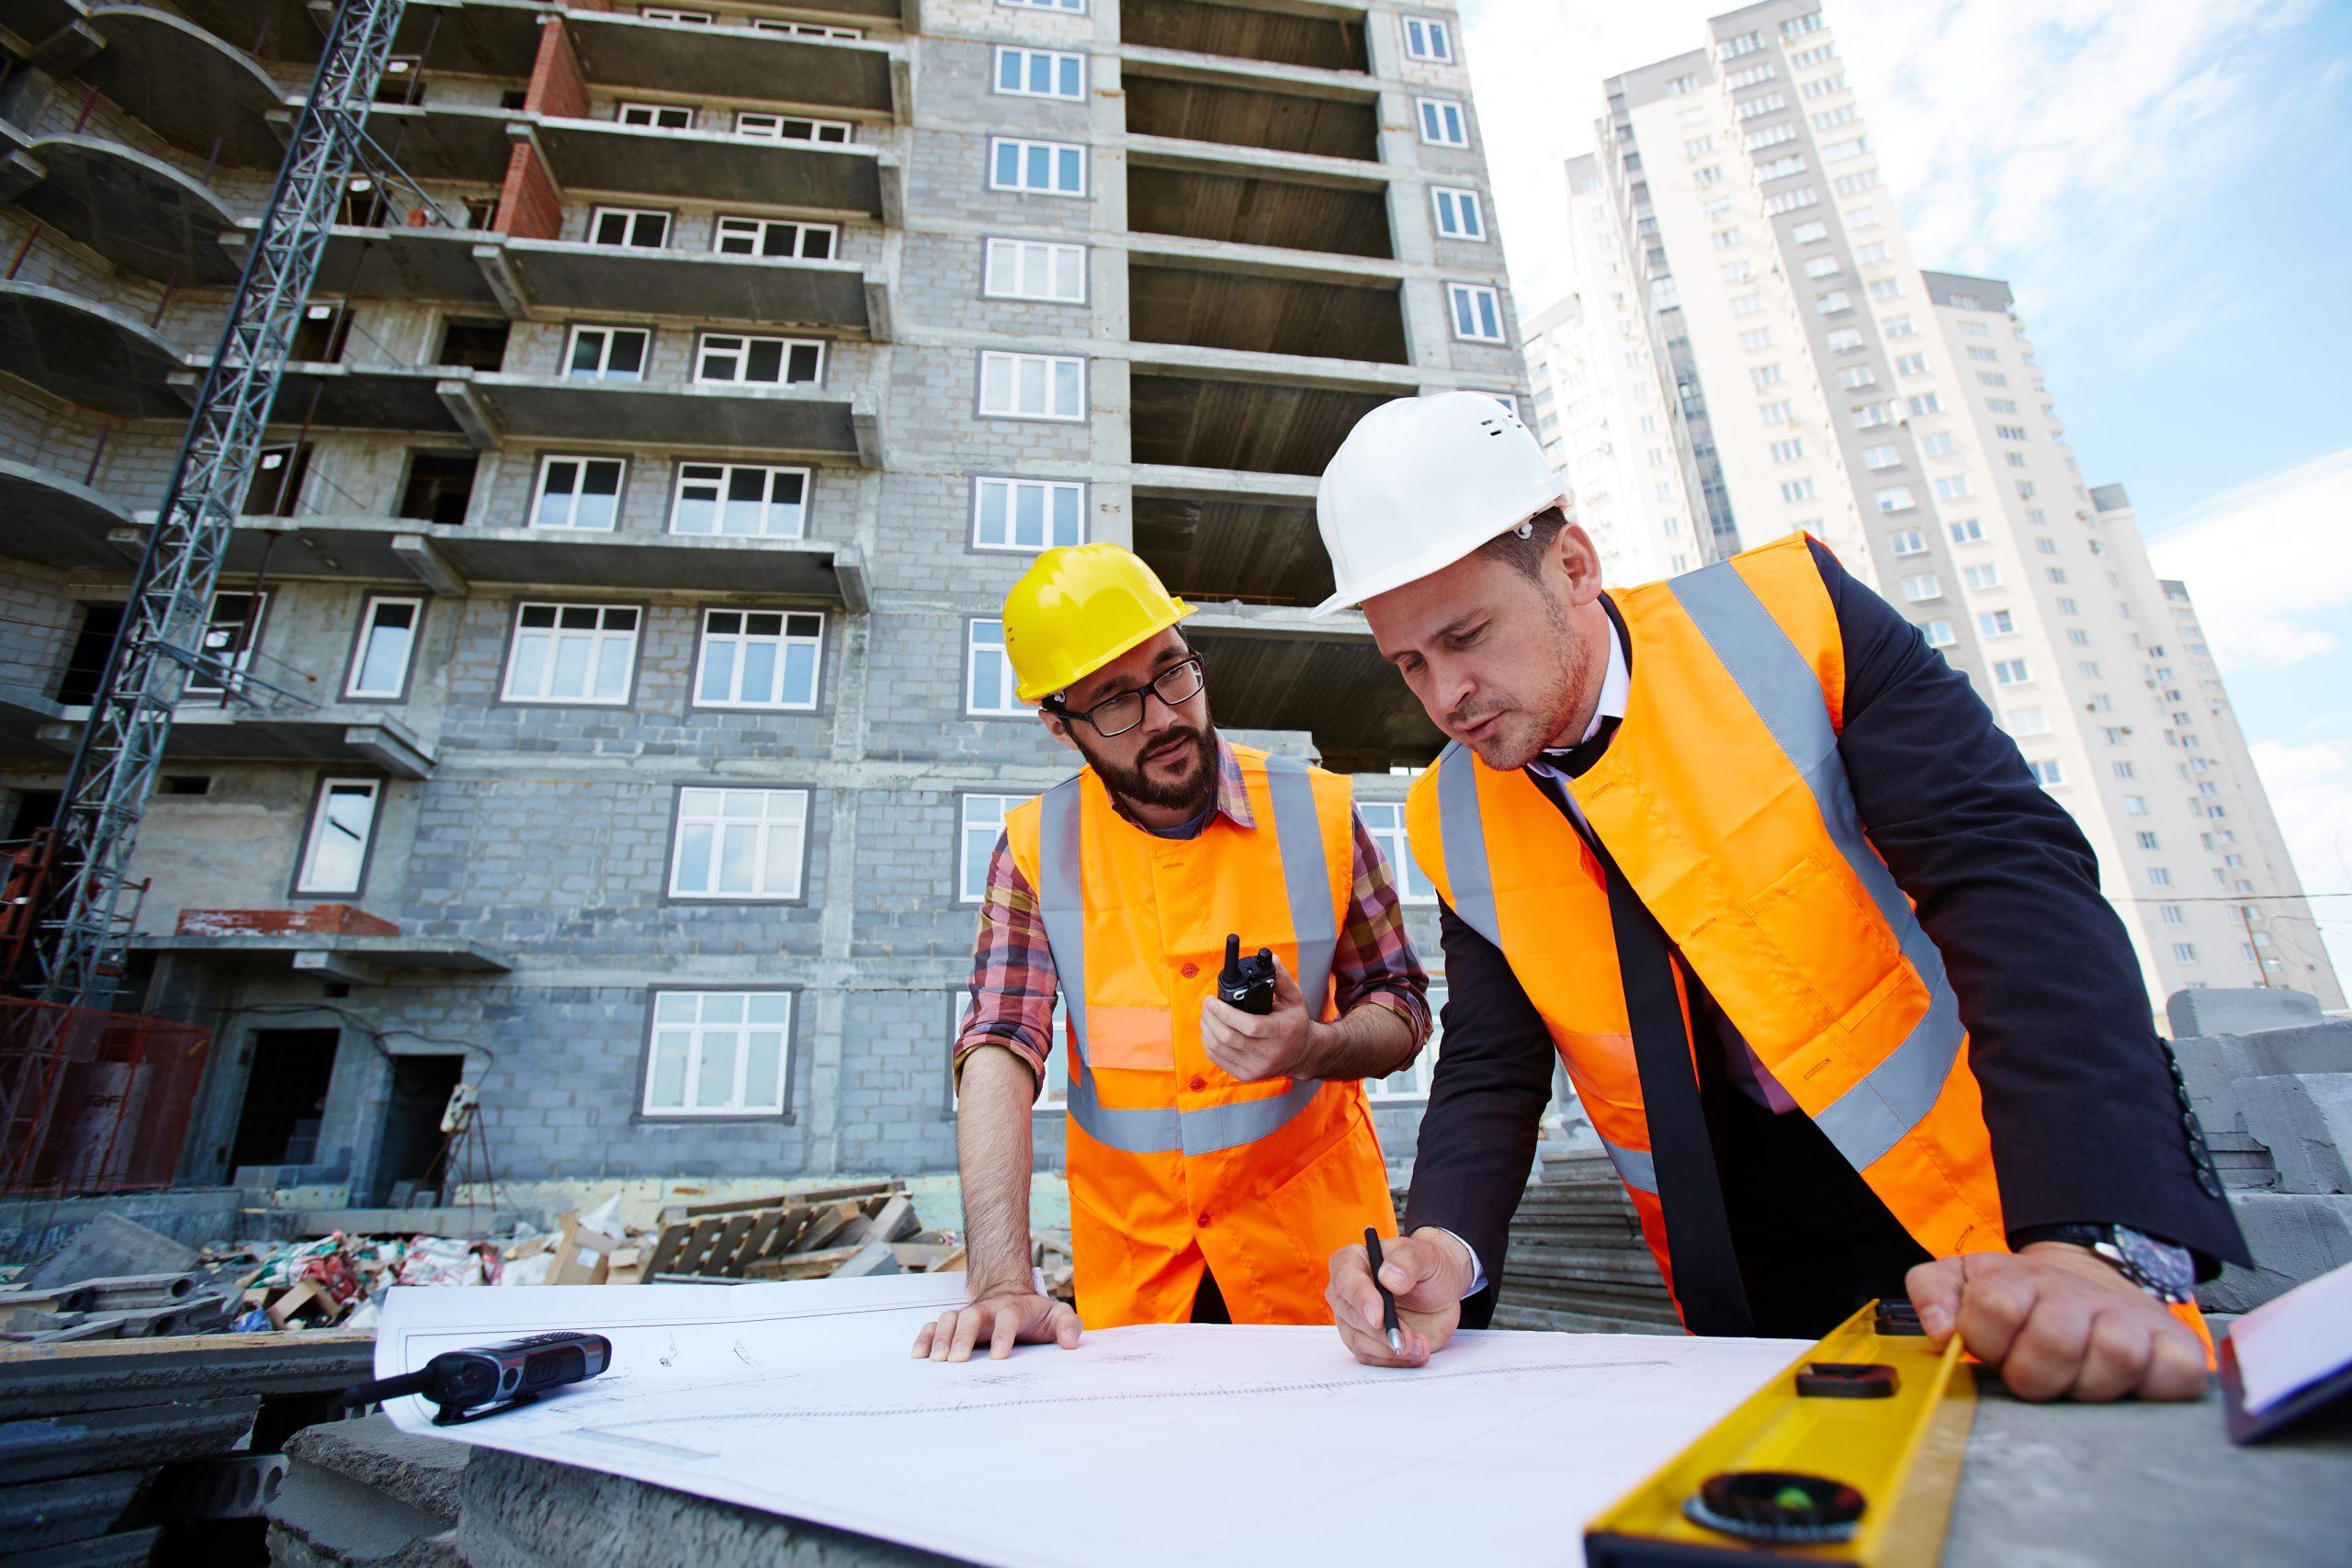 Volle Auftragsbücher und fehlende Rohstoffe: Vor allem die Bauindustrie steht vor großen Herausforderungen (Foto: pixabay/pressfoto)